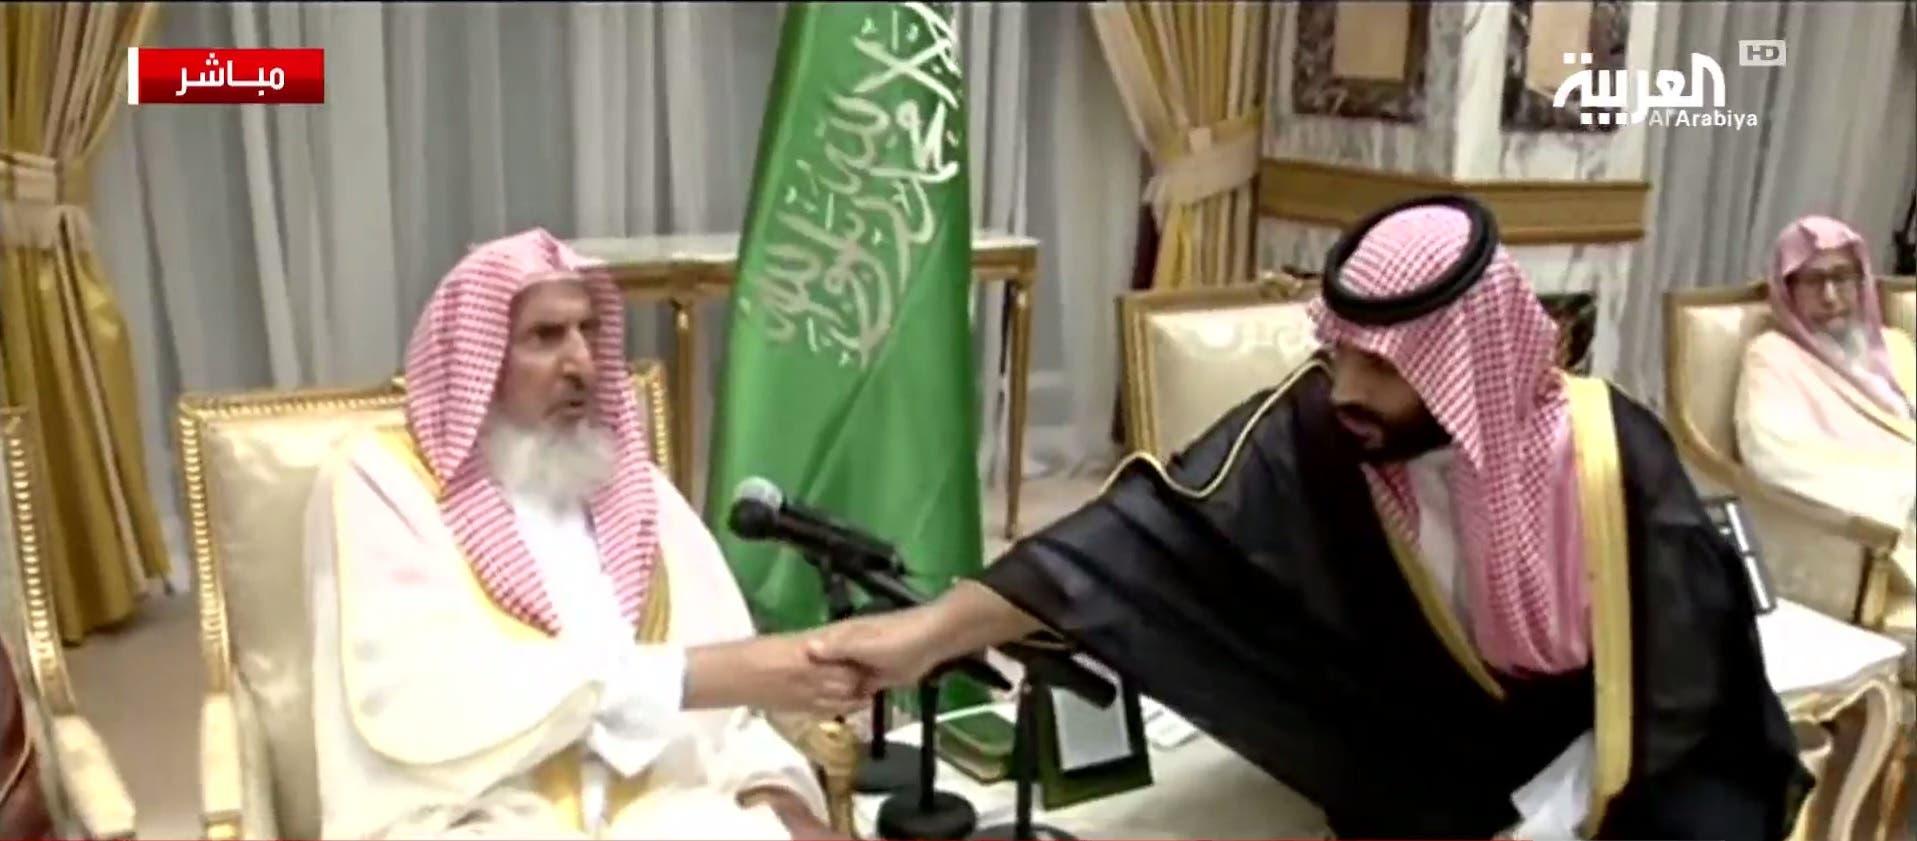 الأمير محمد بن سلمان يصافح مفتي السعودية